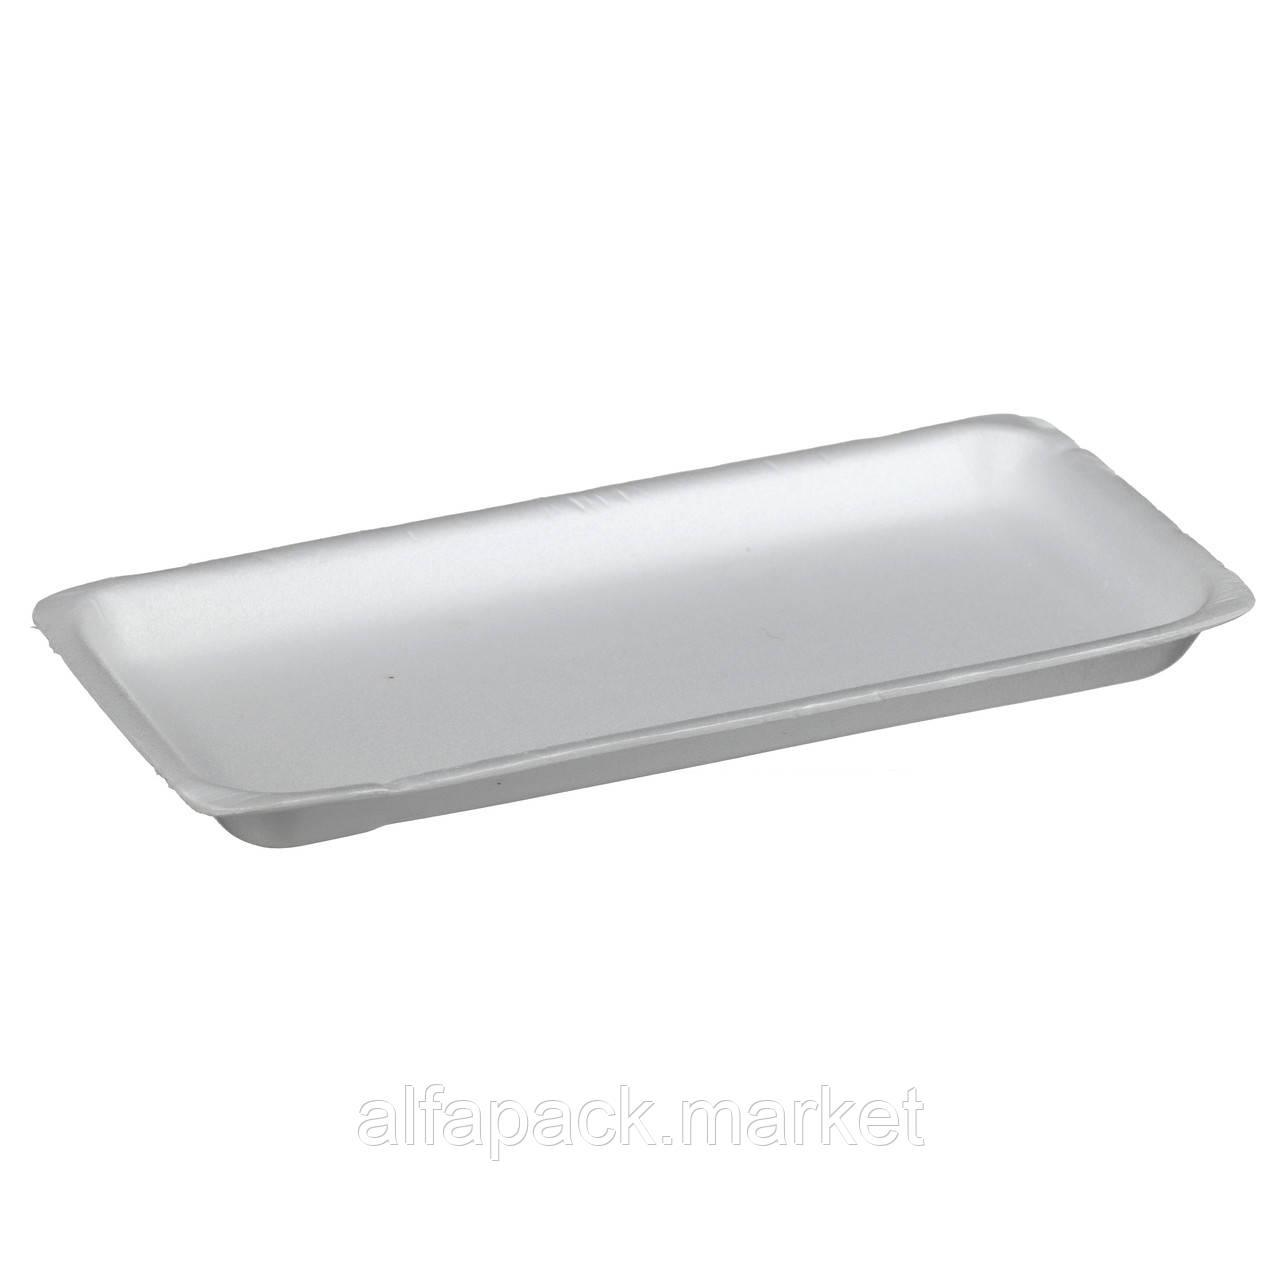 Підкладка Н-2 біла, 270*135*20 (150 шт в упаковці) 040000055